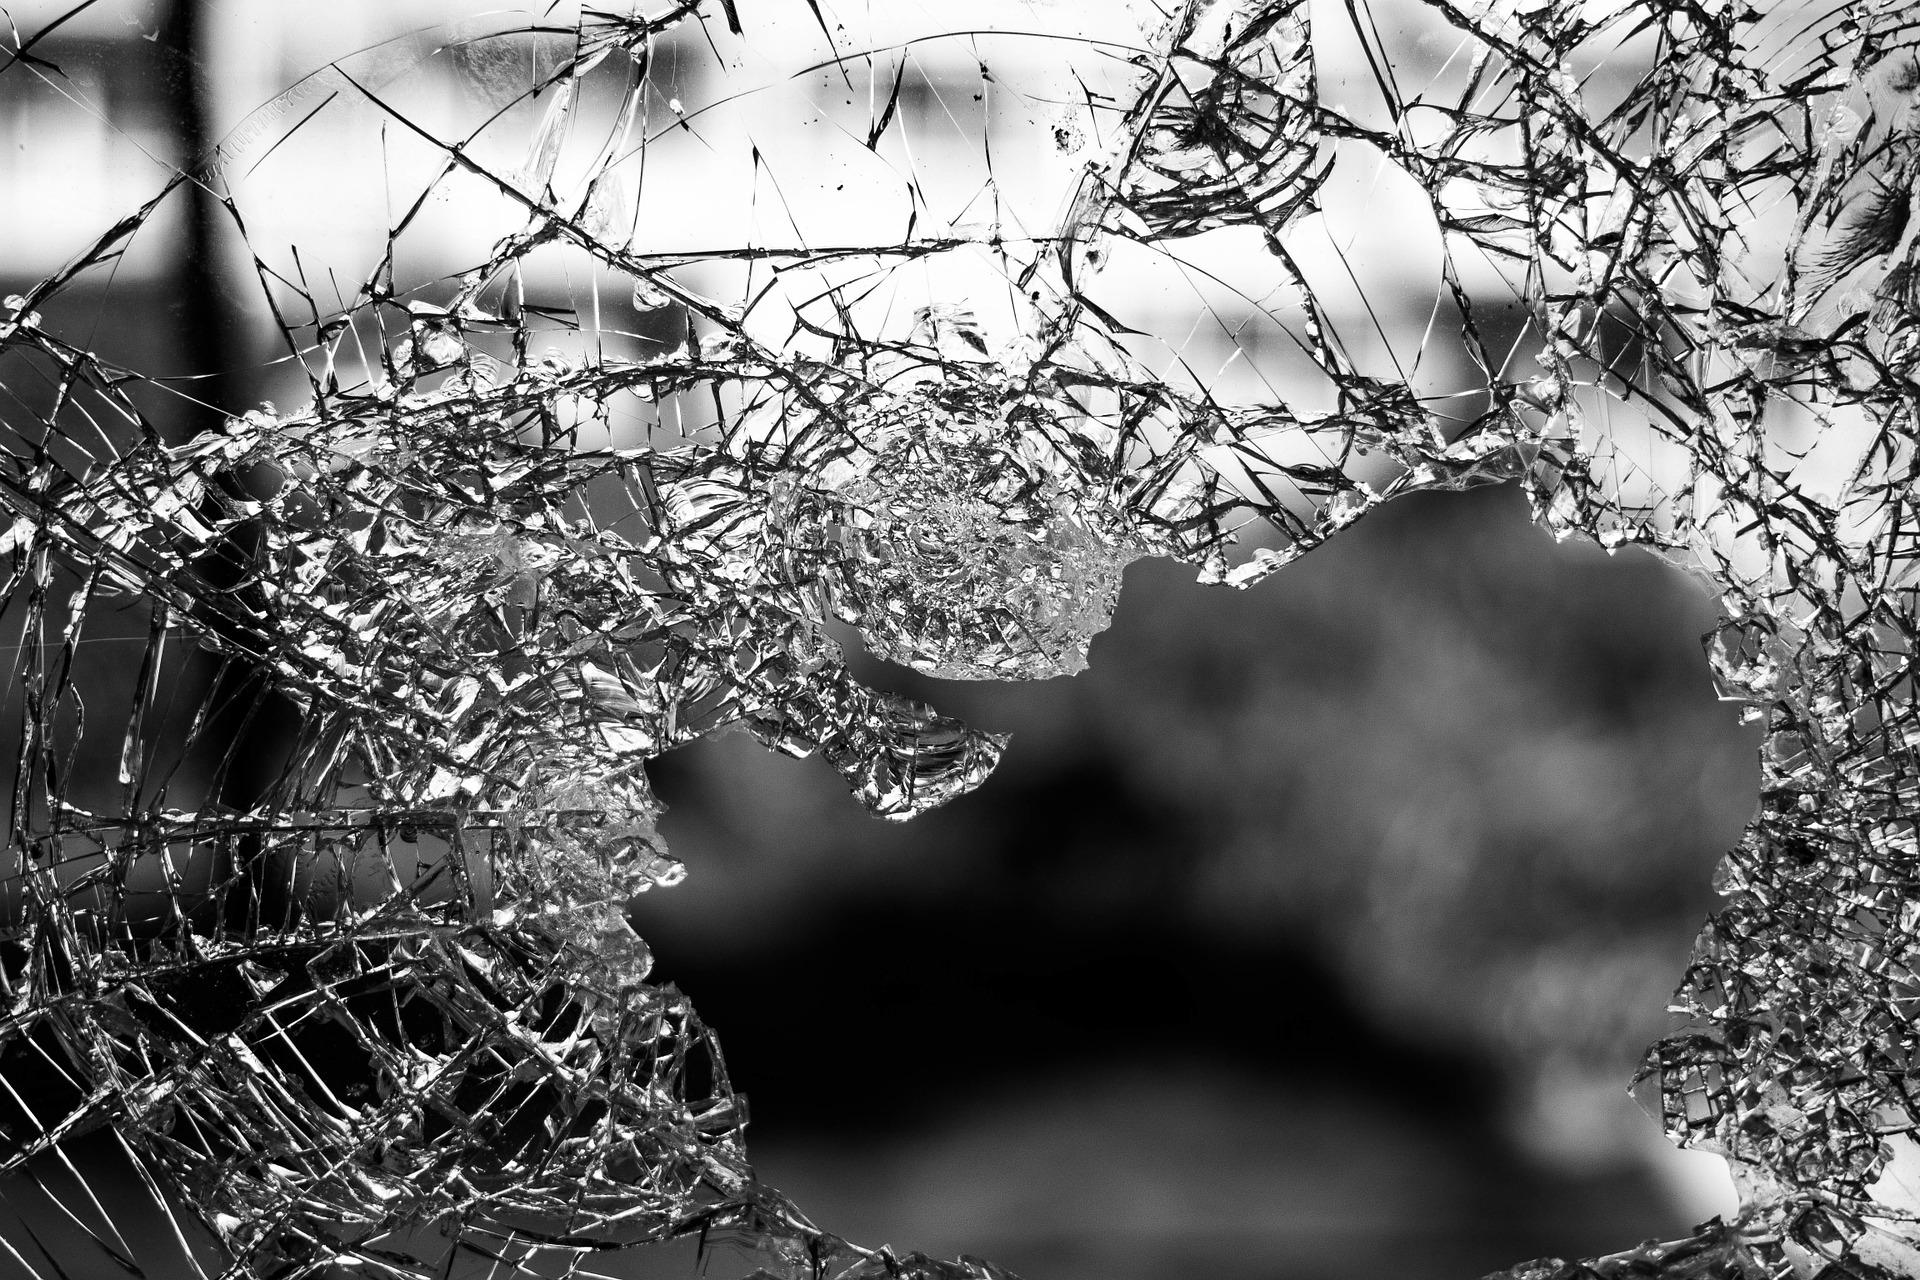 Busztragédia: 35 holttestet emeltek ki a roncsok alól